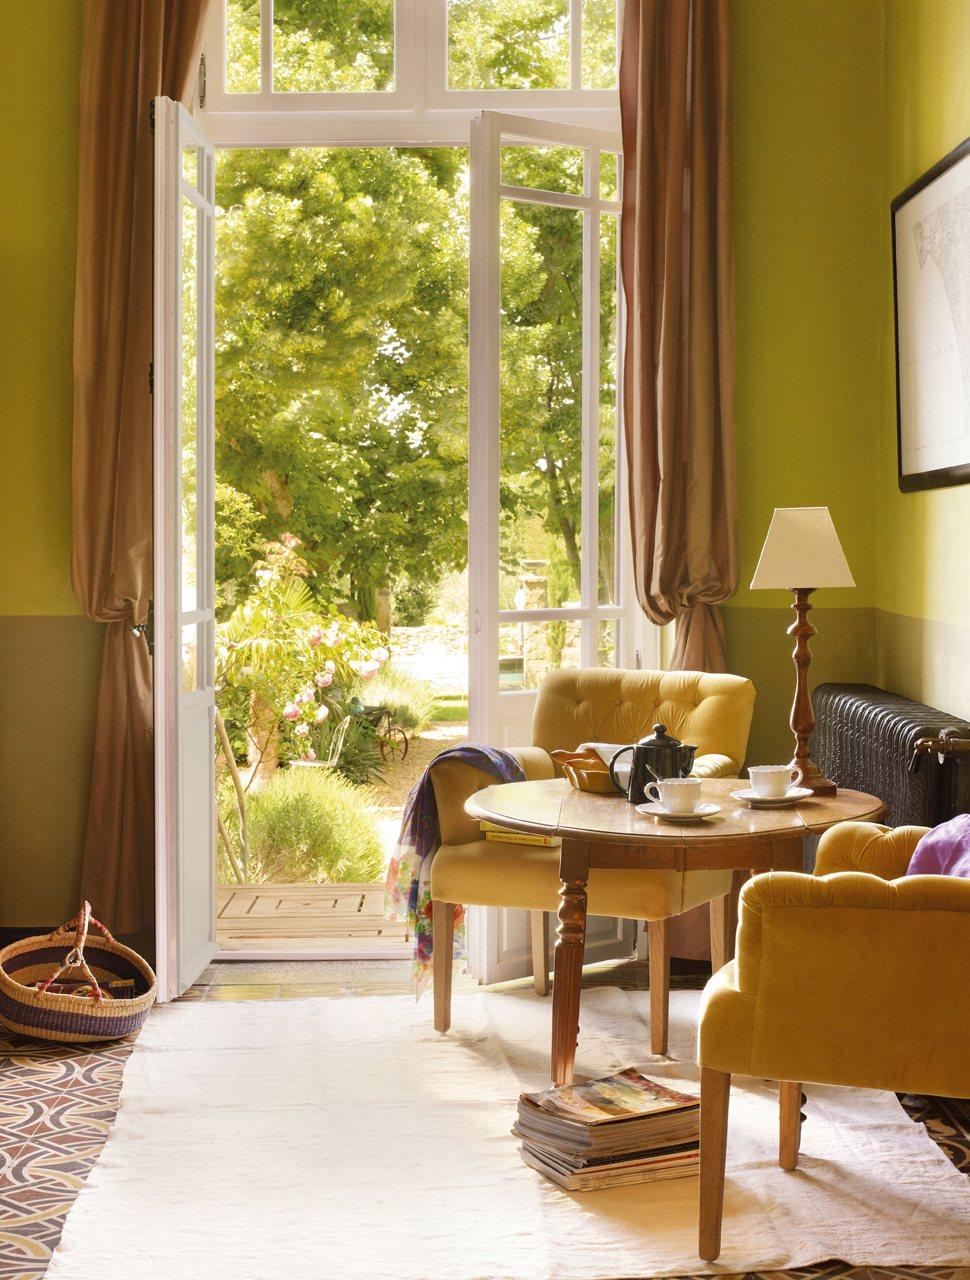 Verde en tono oliva